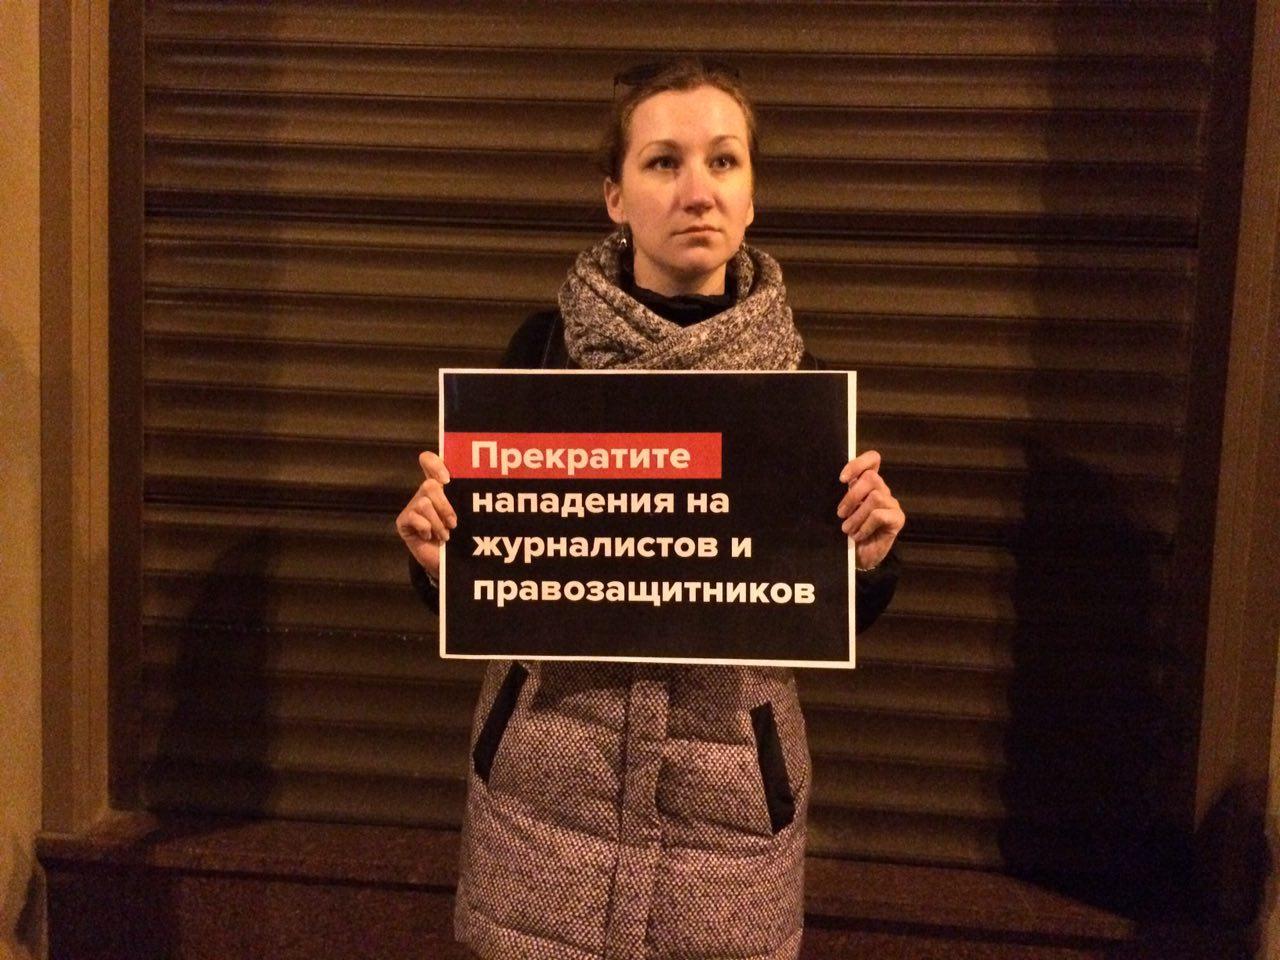 Дарья Горсткина, Открытая Россия.